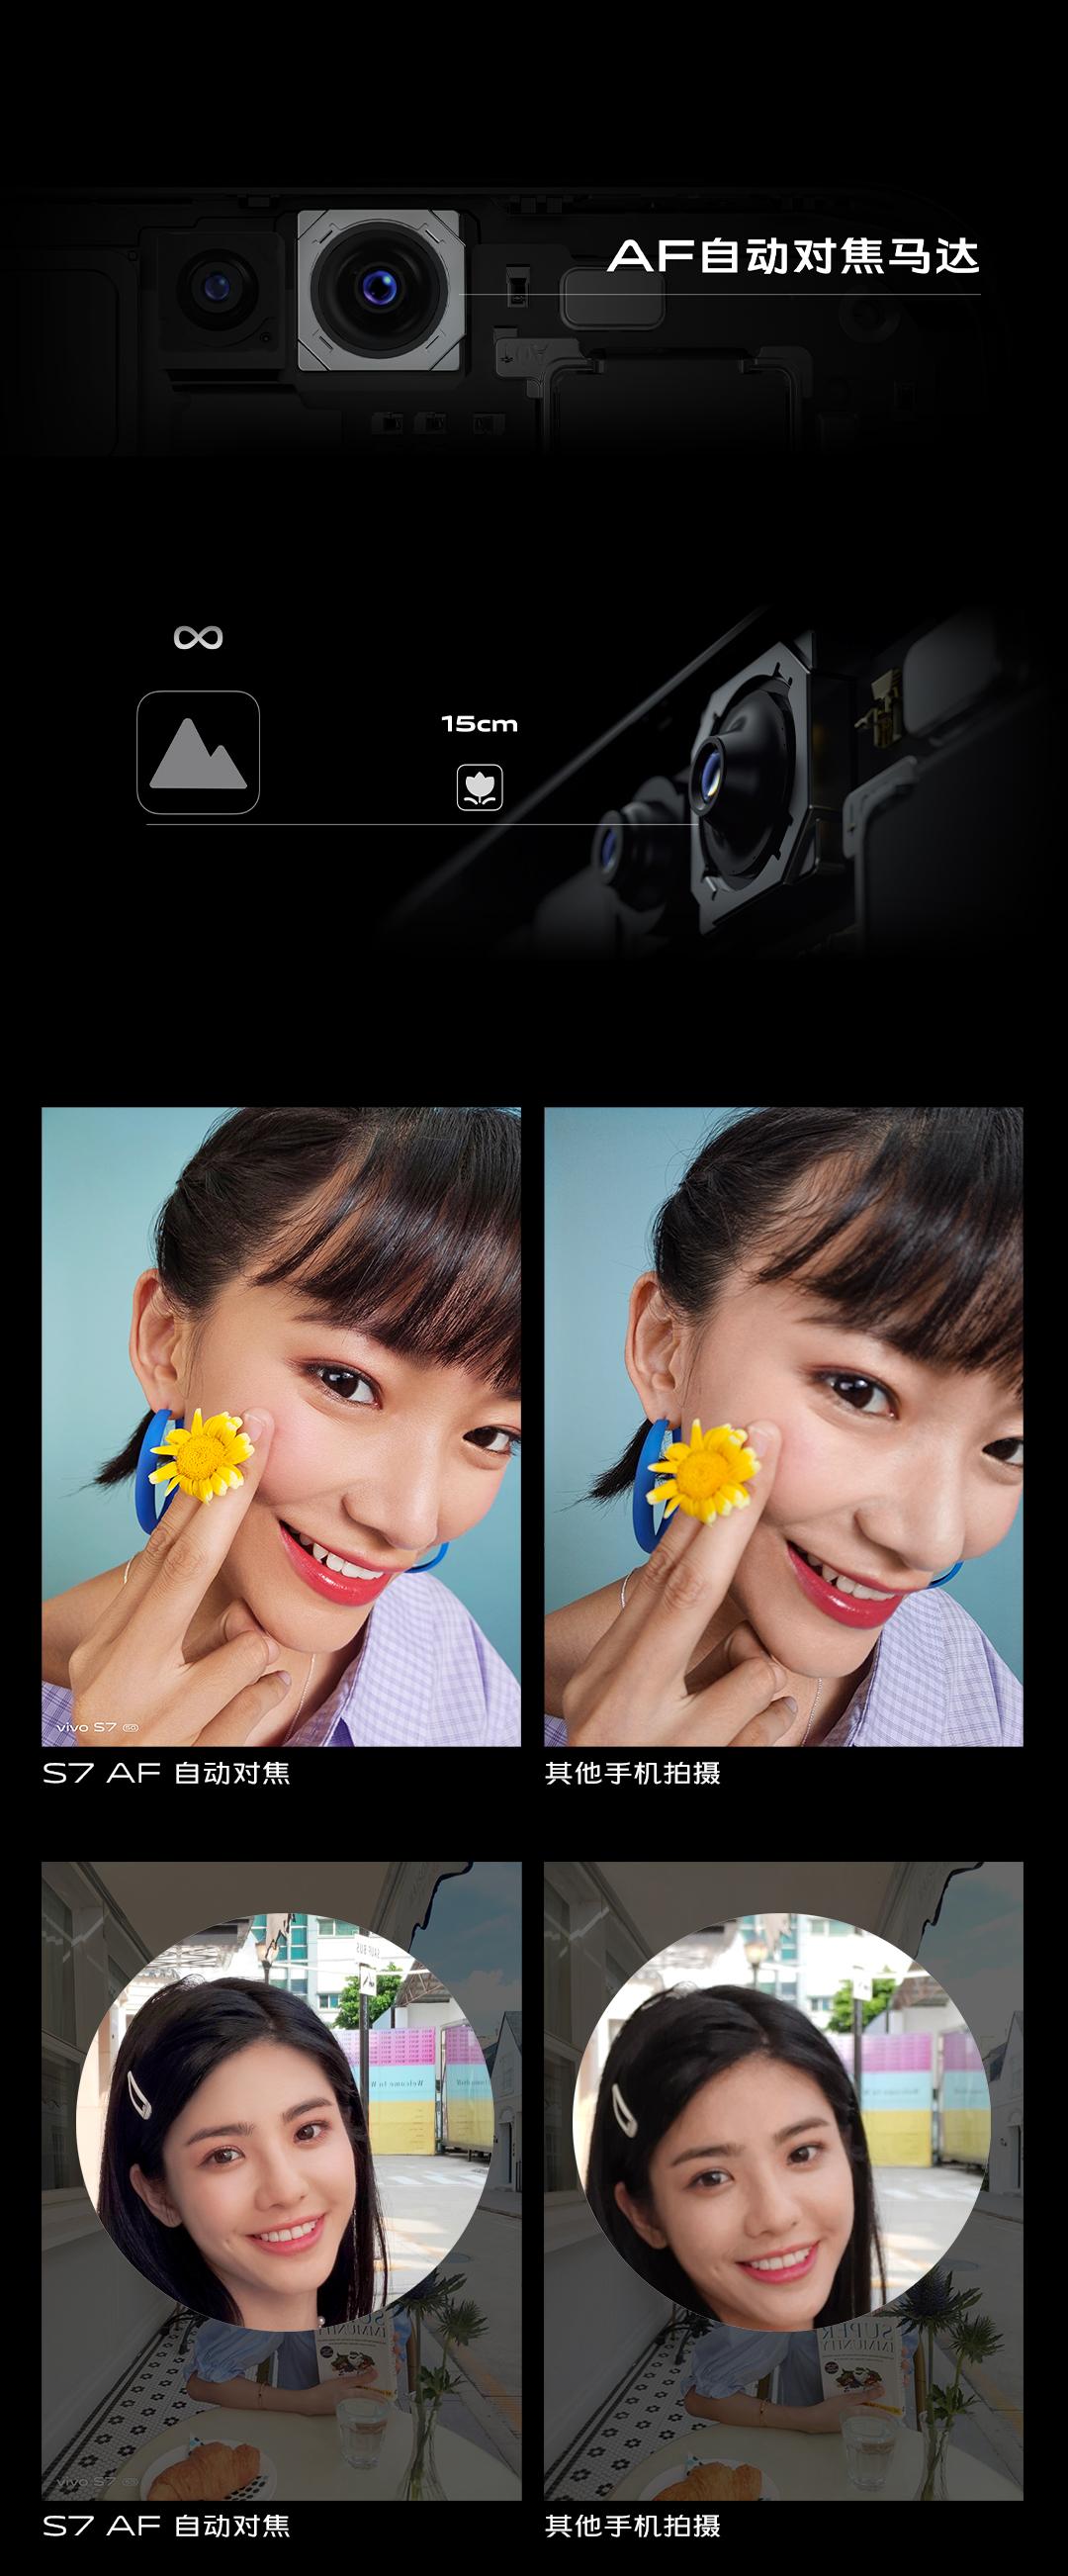 9、AF-自动对焦马达.jpg